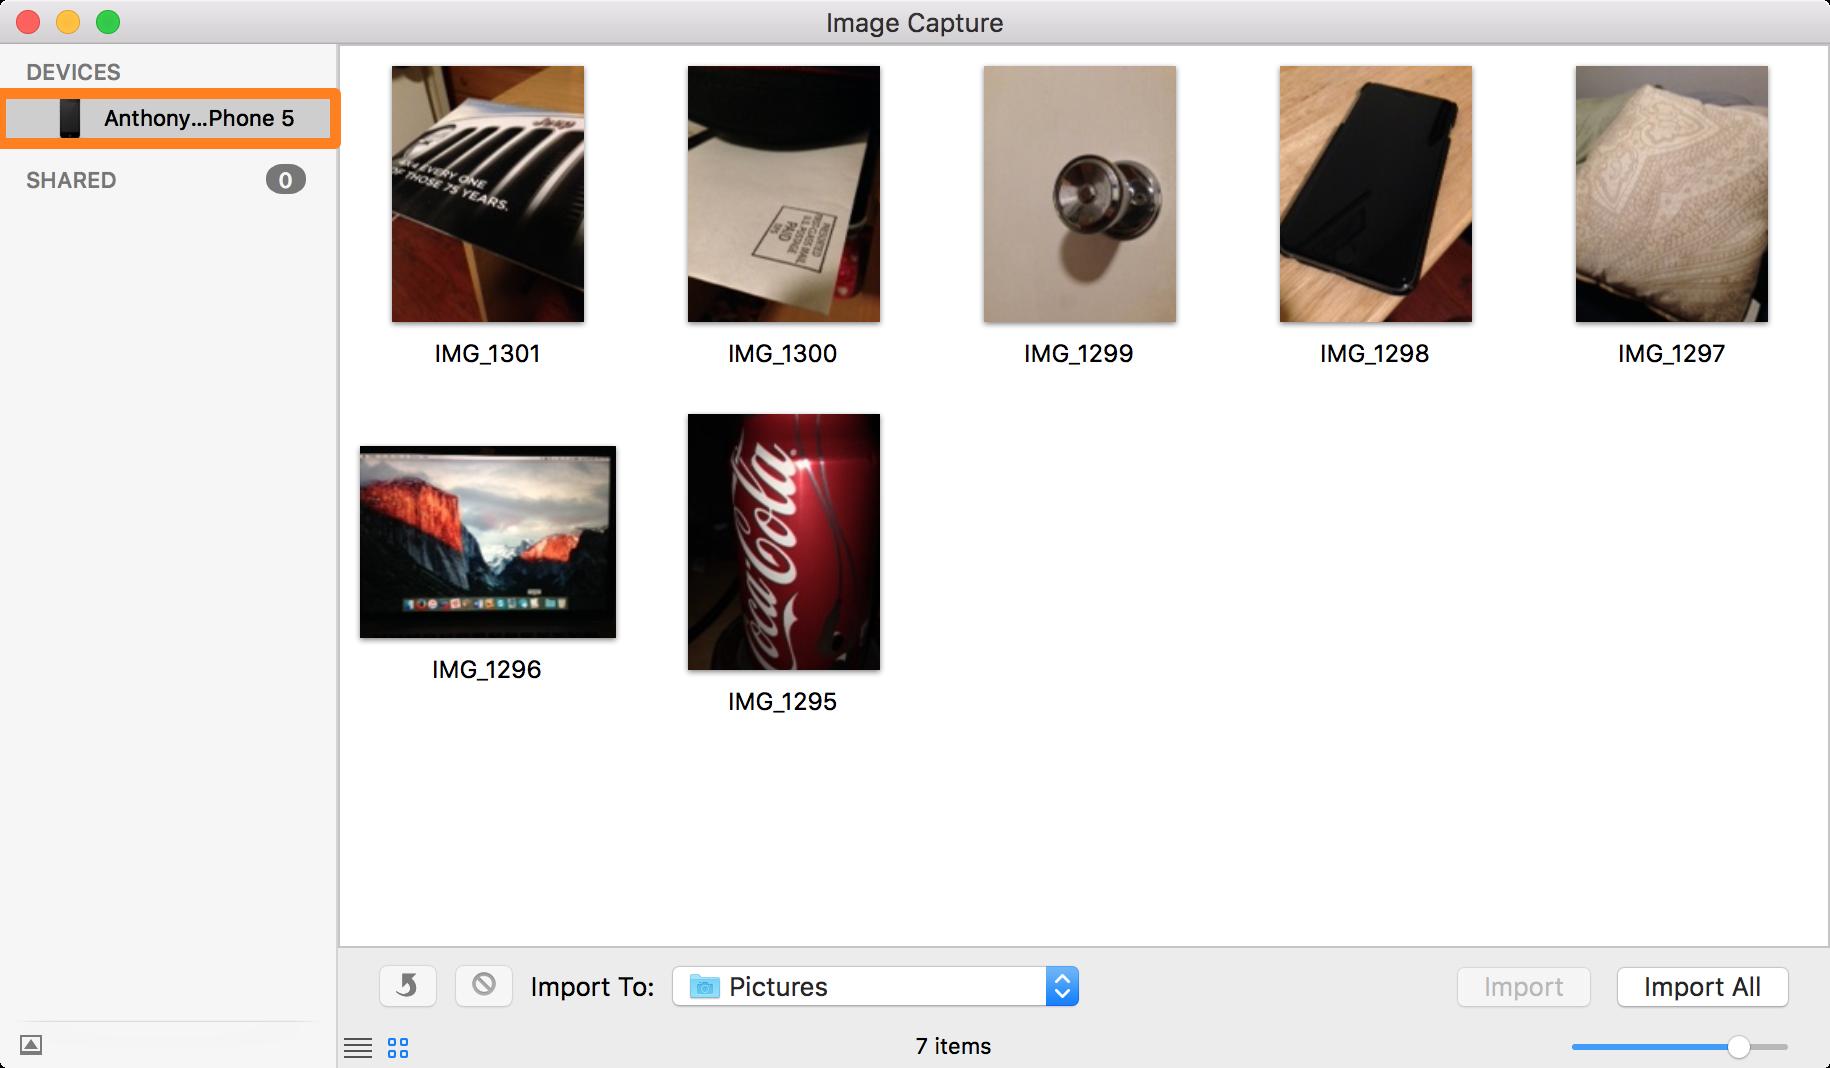 Seleccionar dispositivo de la barra lateral en Captura de imagen